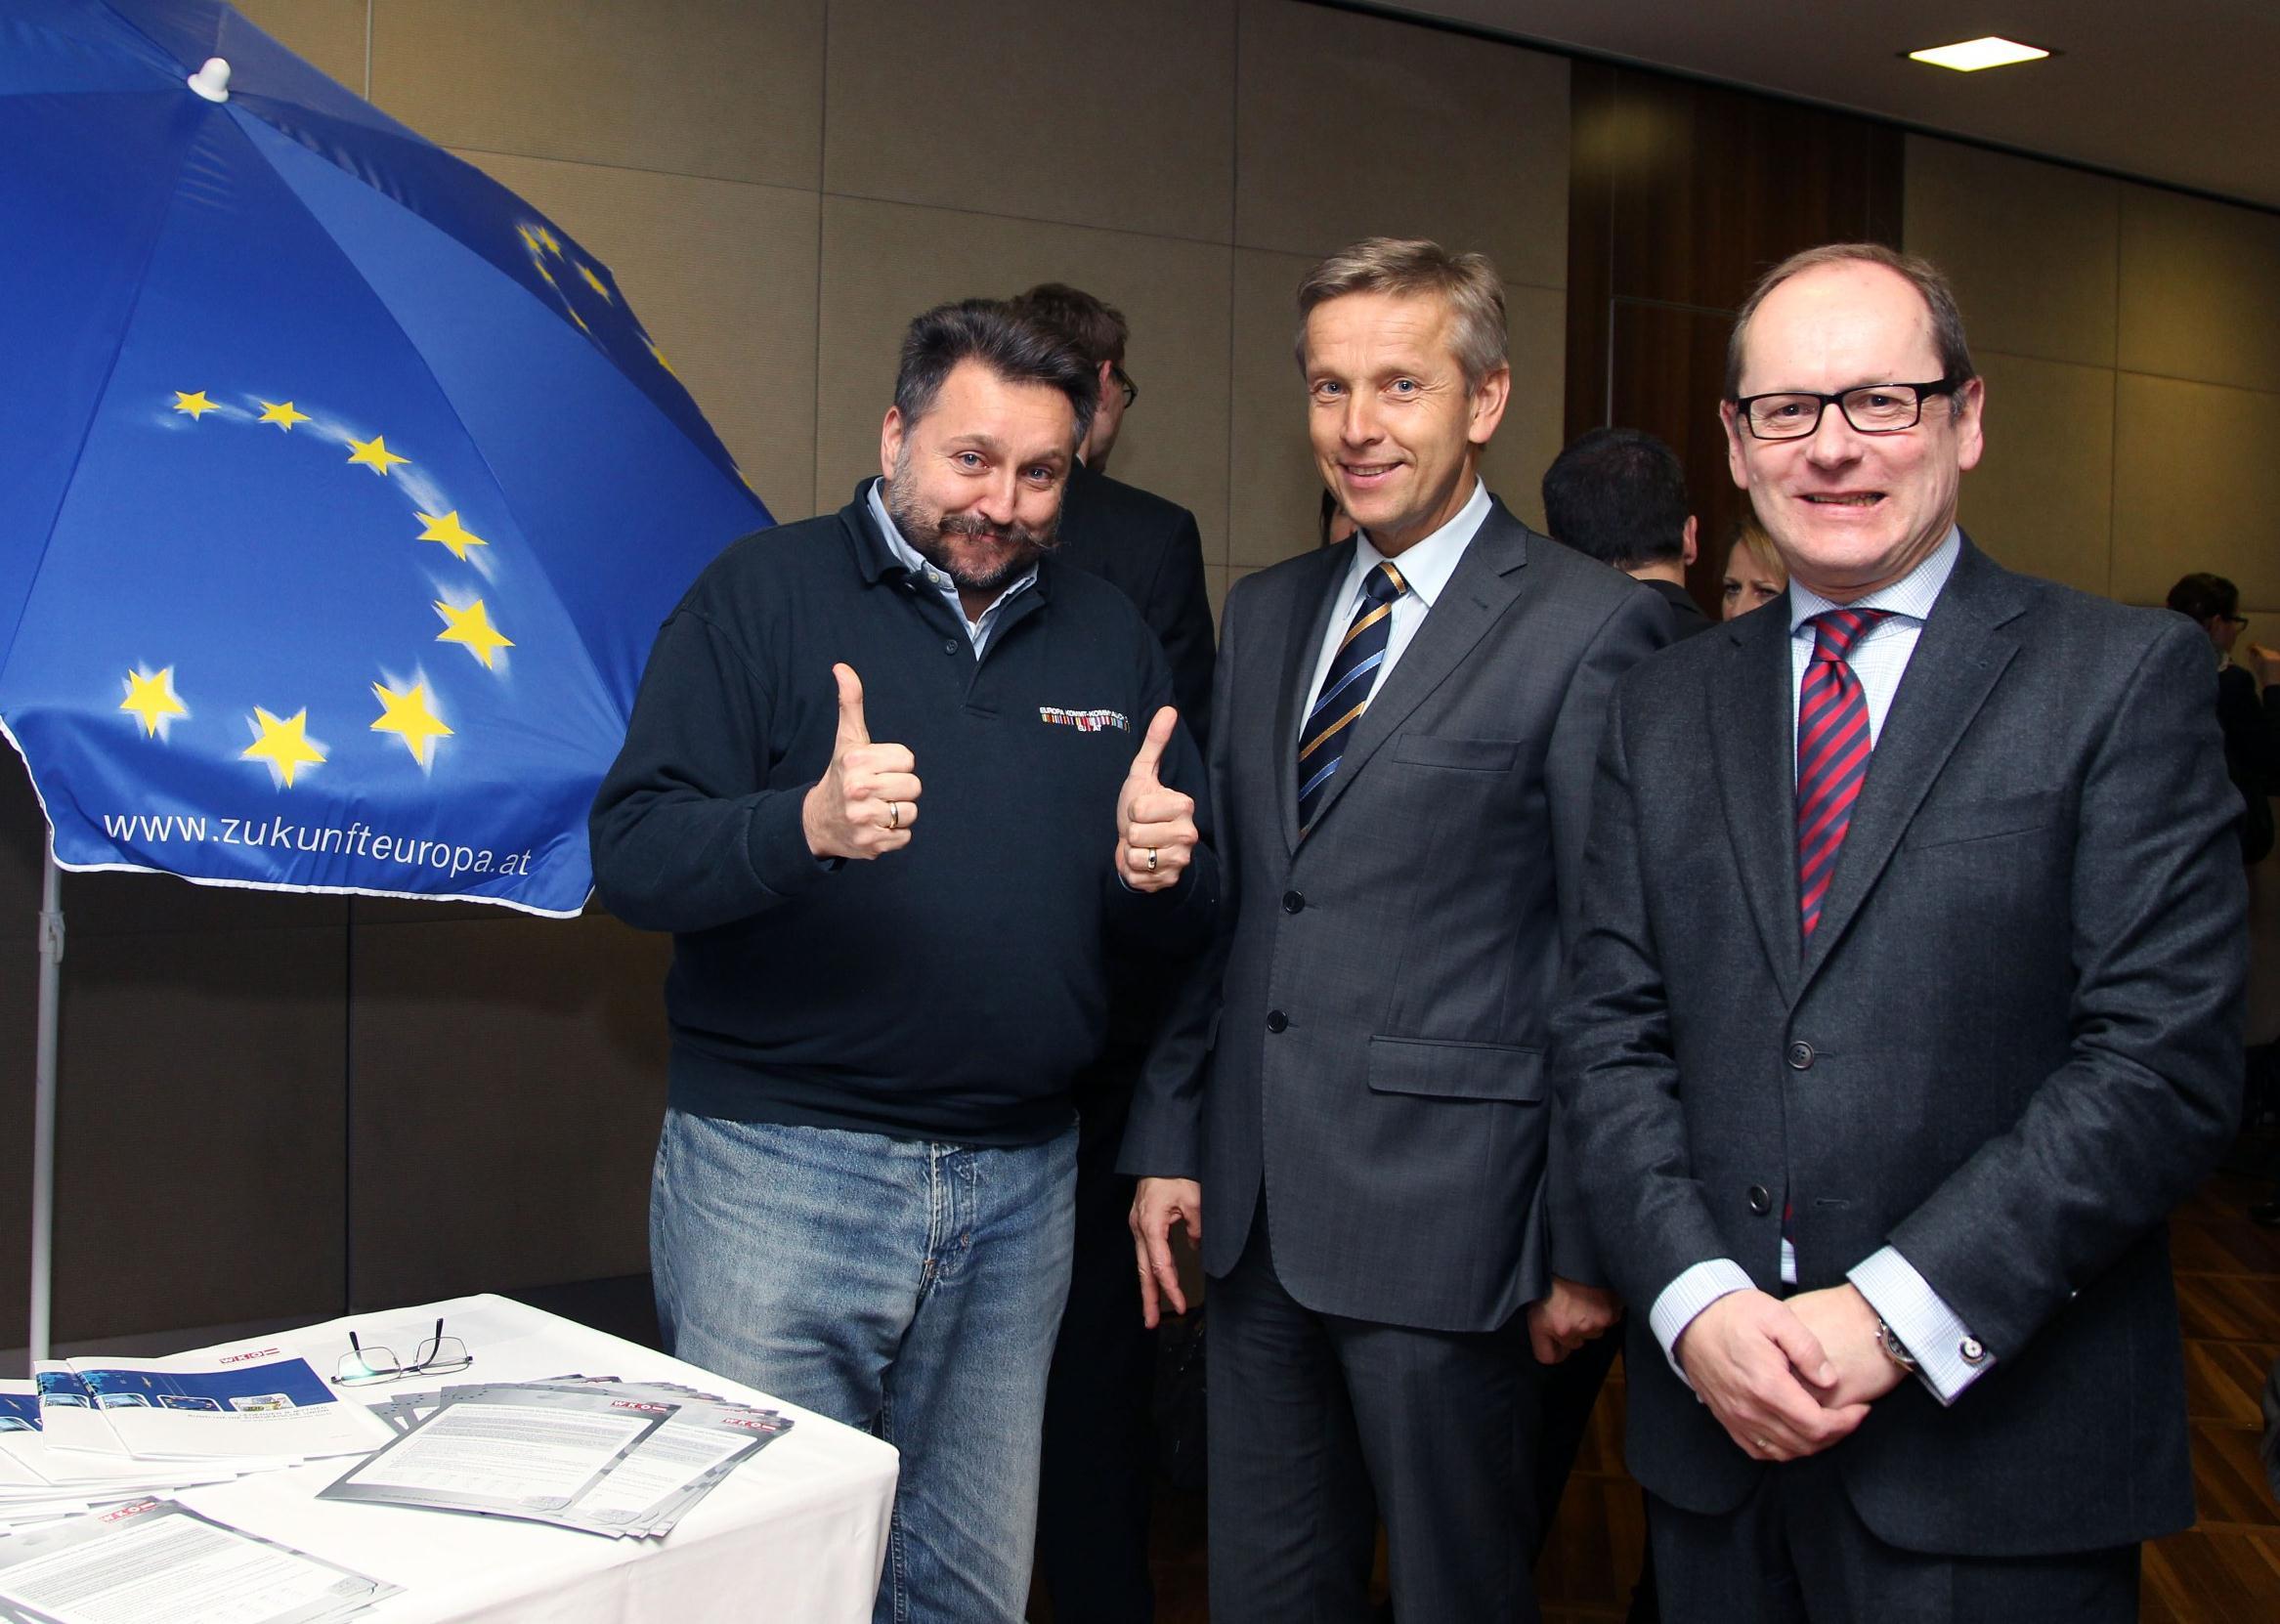 (c) STS Lopatka auf Europatour in Oberösterreich mit WKÖ Vertreter Karl-Heinz Wanker und Moderator Gerald Gross